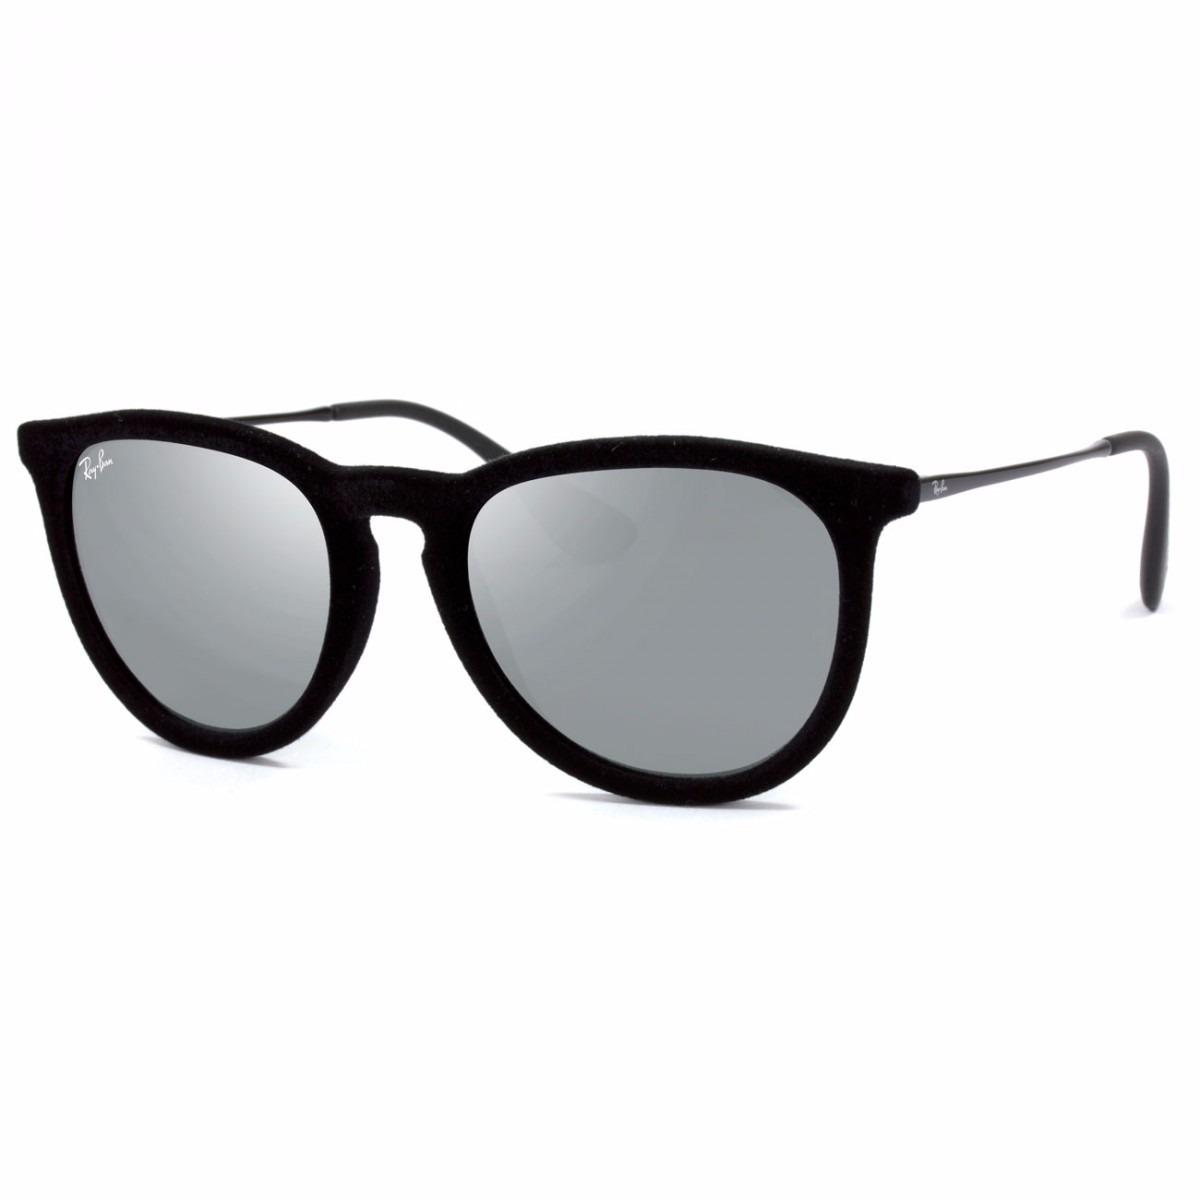 b095b94d6 kit 10 óculos de sol feminino espelhado atacado revenda. Carregando zoom.